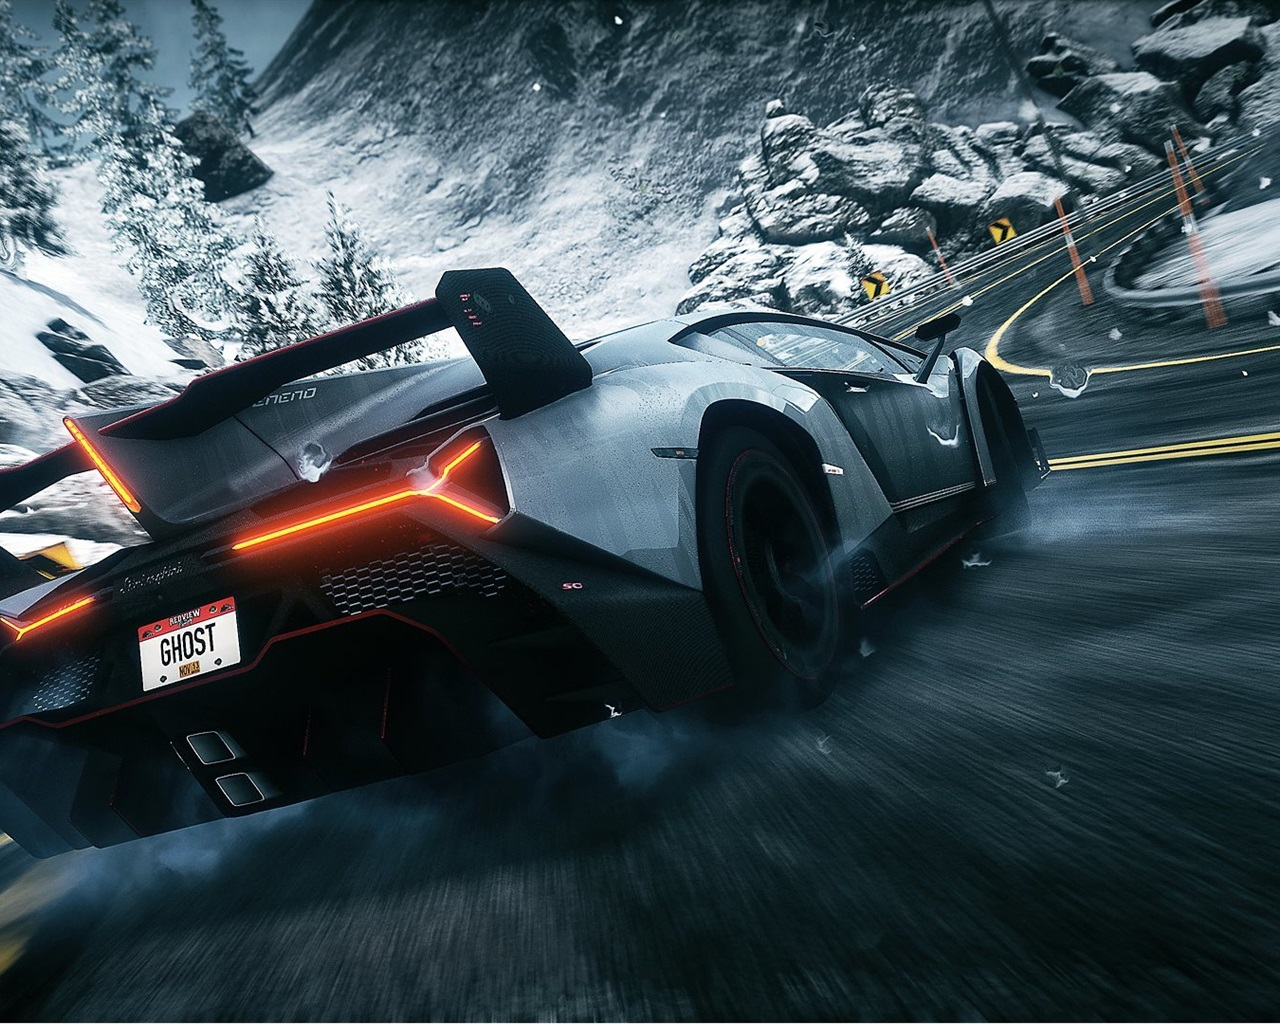 10 Most Popular Need For Speed Wallpaper Full Hd 1080p For: Papéis De Parede Lamborghini Veneno Supercar Vista